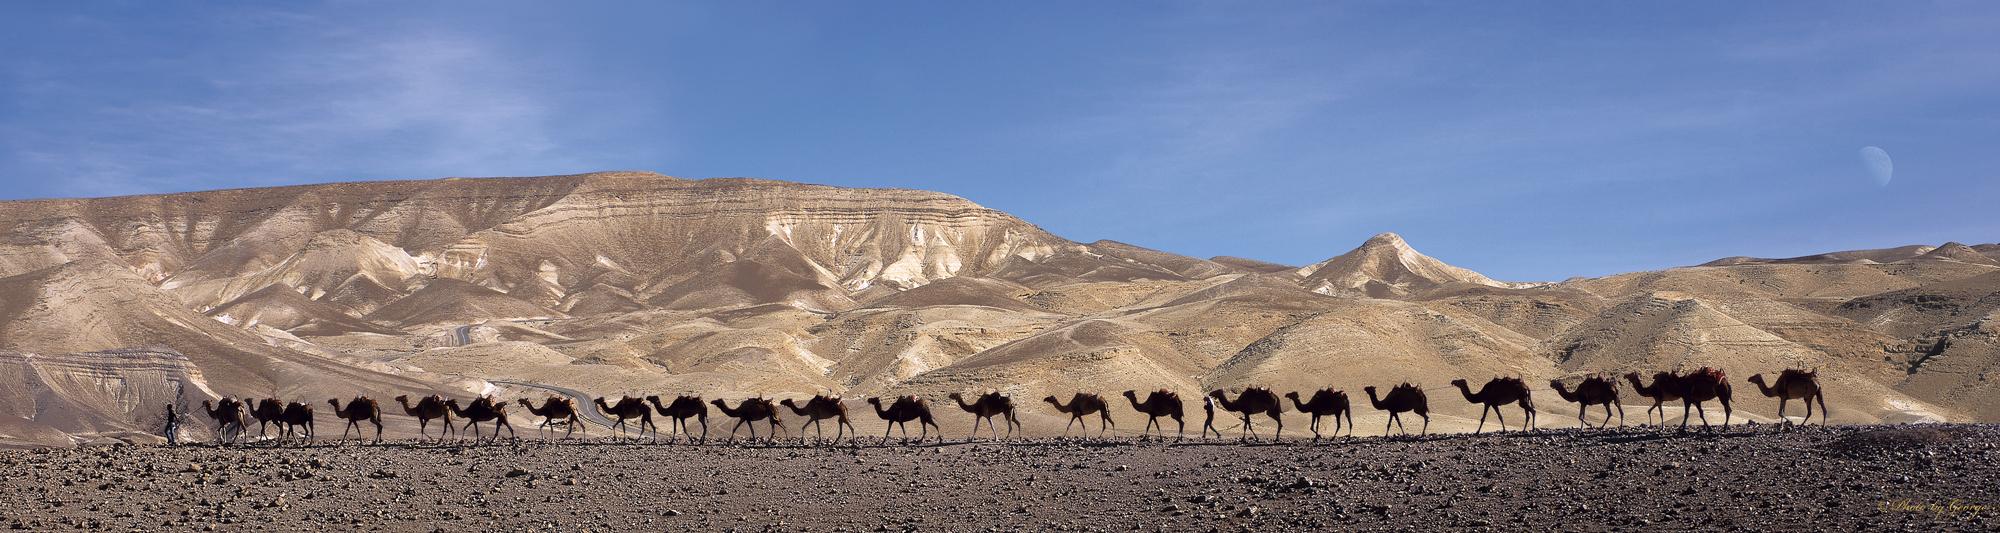 0014 Camels